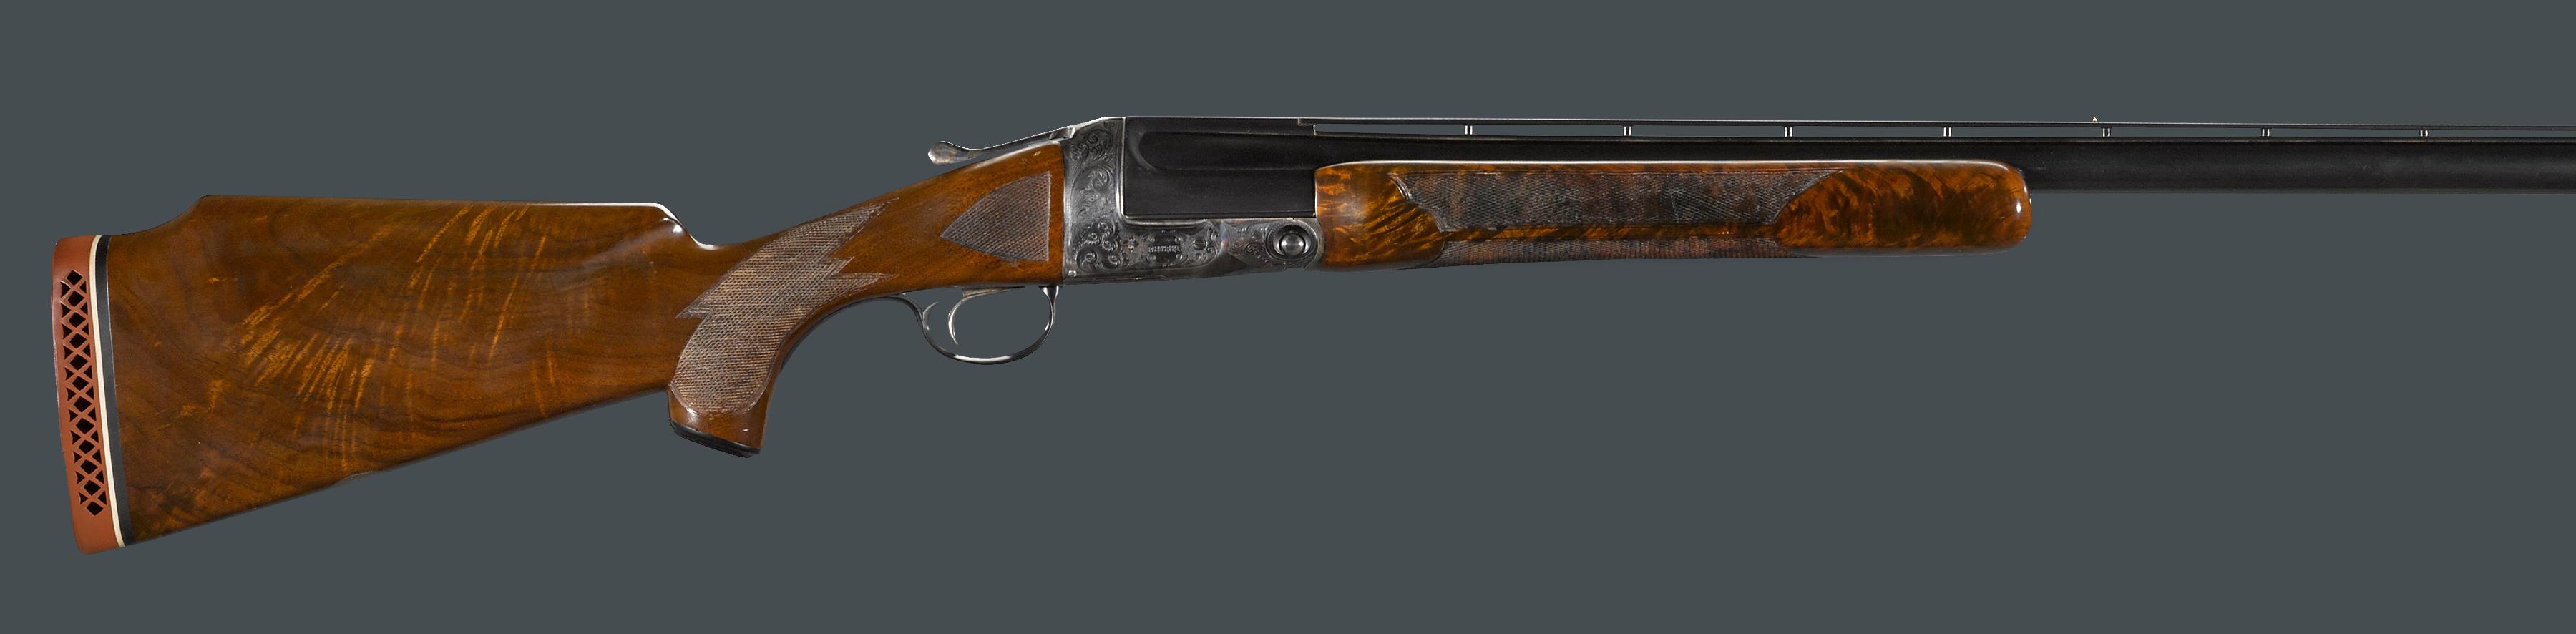 Parker shotgun